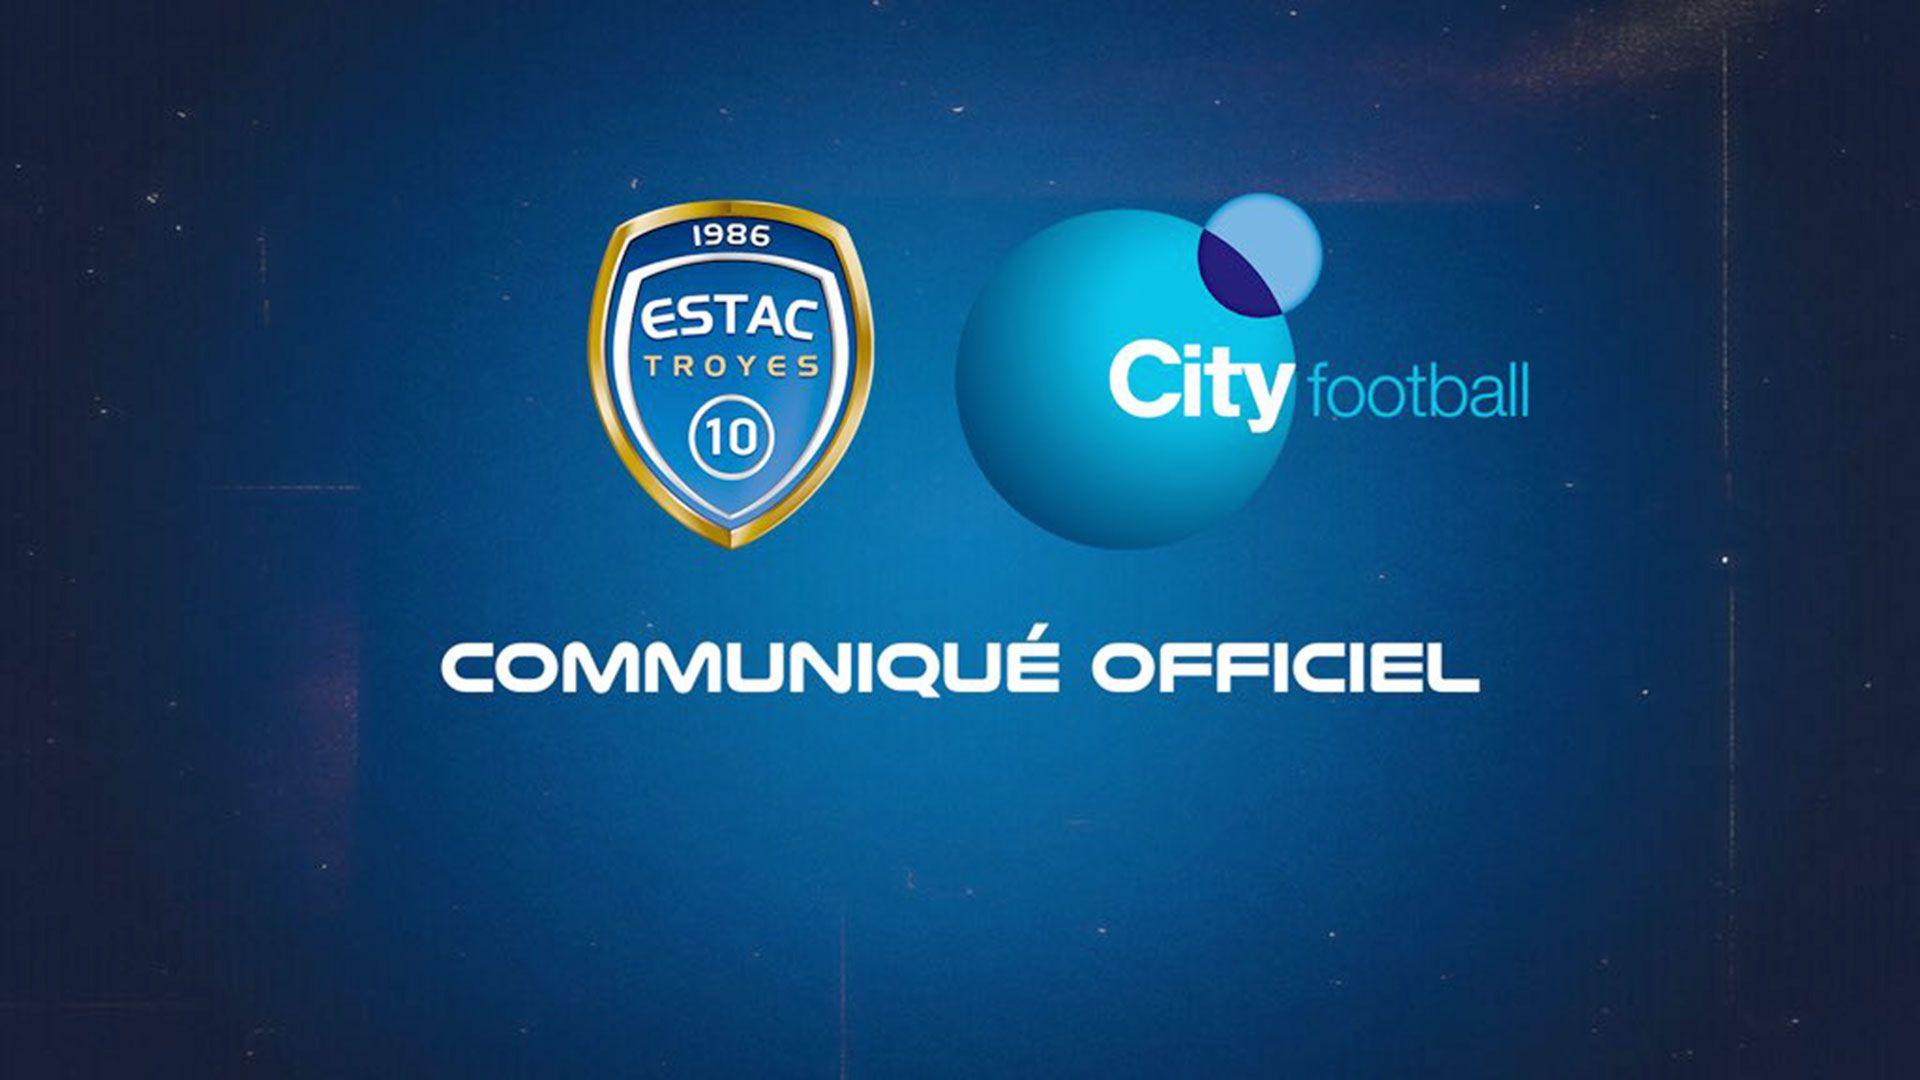 acuerdo-estac-troyes-city-group-portada